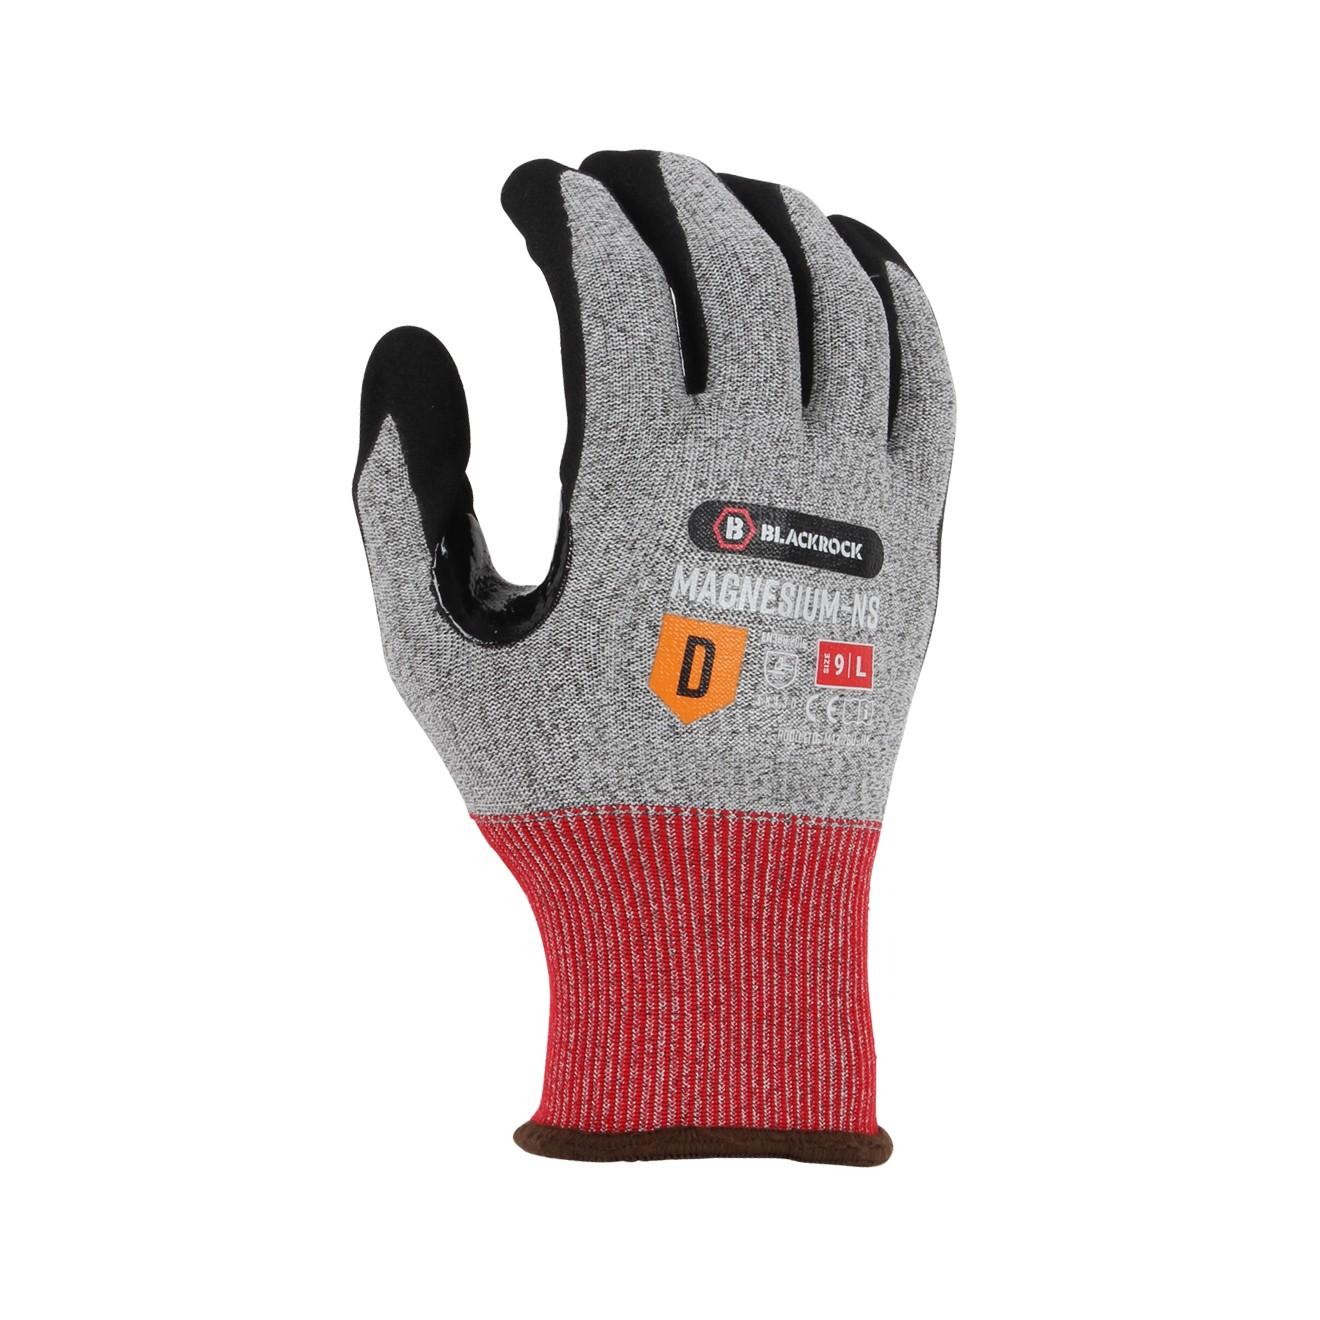 Magnesium-NS Cut Resistant Glove